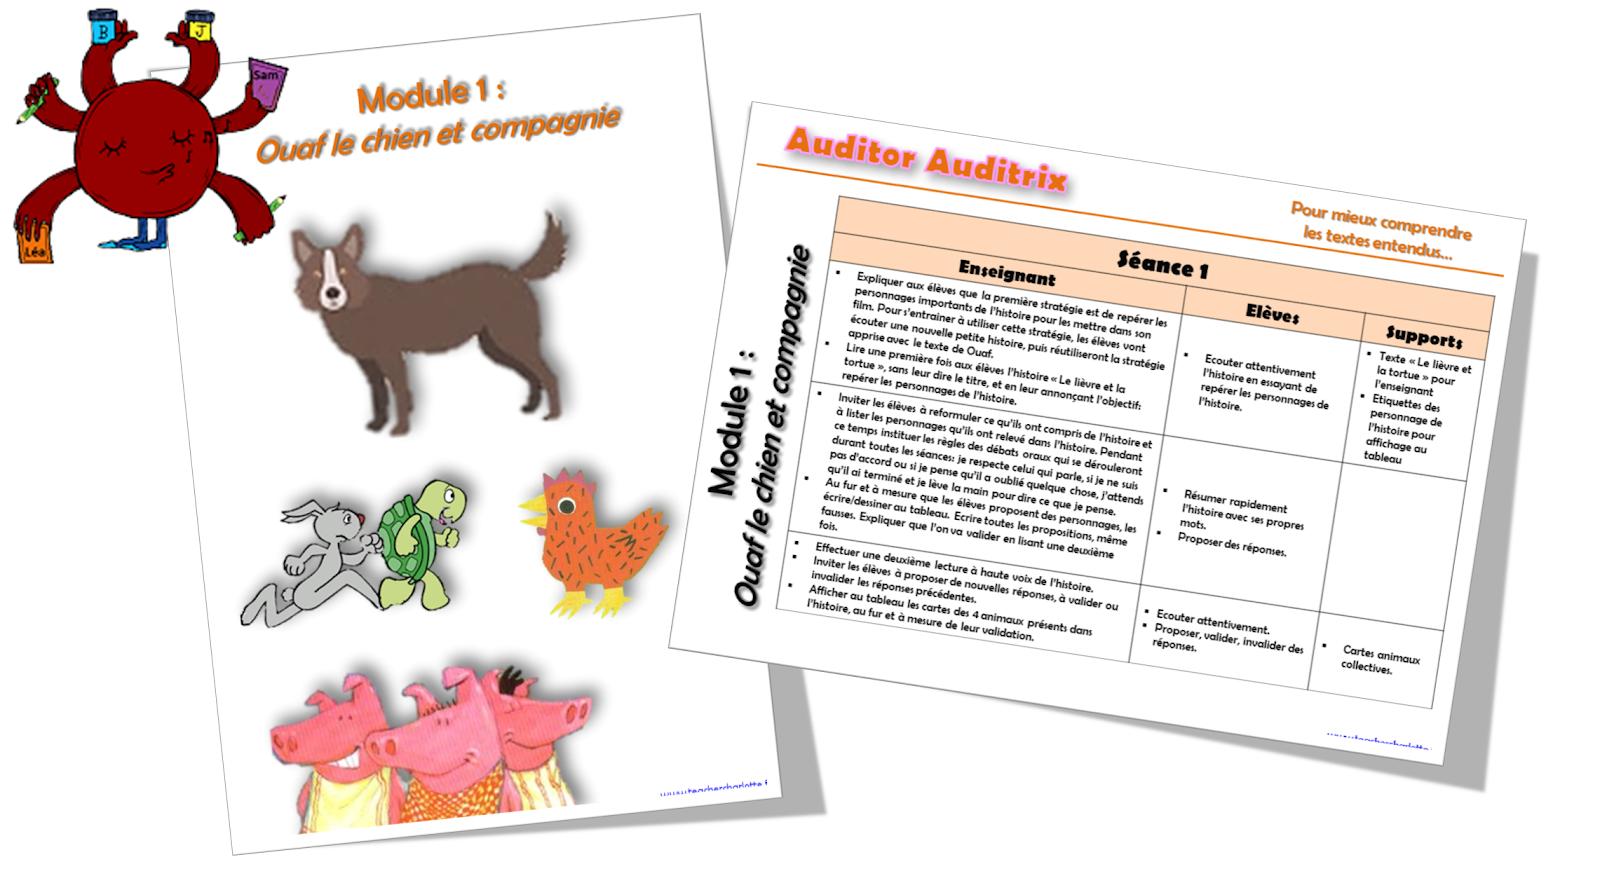 Visuel Auditor Auditrix Module 1.png